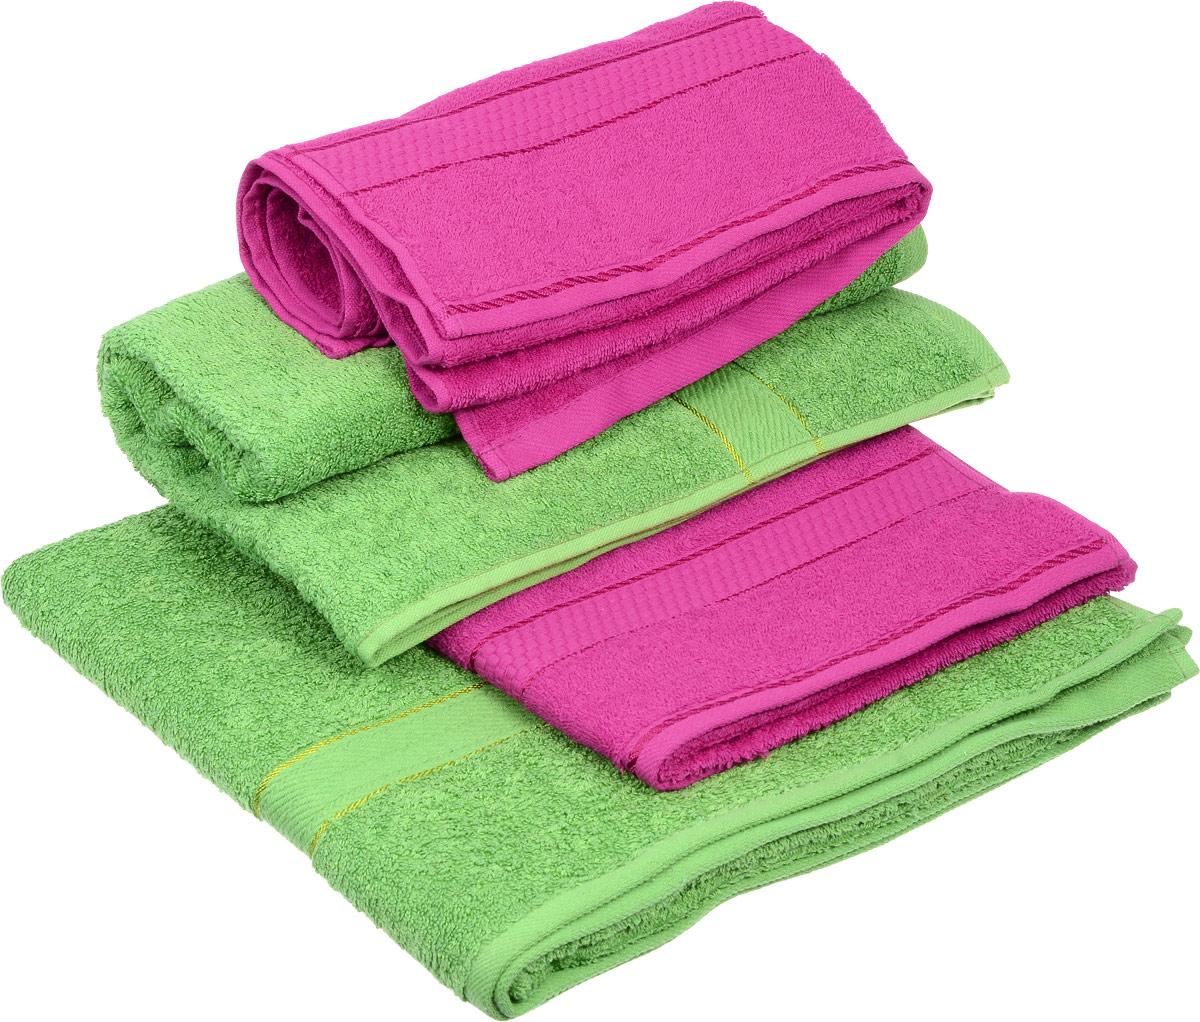 Набор махровых полотенец Aisha Home Textile, цвет: зеленый, малиновый, 4 штУзТ-ПМ-103-28-08Набор Aisha Home Textile состоит из двух полотенец 50 х 90 см и двух банных 70 х 140 см. Полотенца выполнены из натурального 100% хлопка и махровой ткани. Изделия отлично впитывают влагу, быстро сохнут, сохраняют яркость цвета и не теряют формы даже после многократных стирок. Полотенца Aisha Home Textile очень практичны и неприхотливы в уходе. Комплектация: 4 шт.